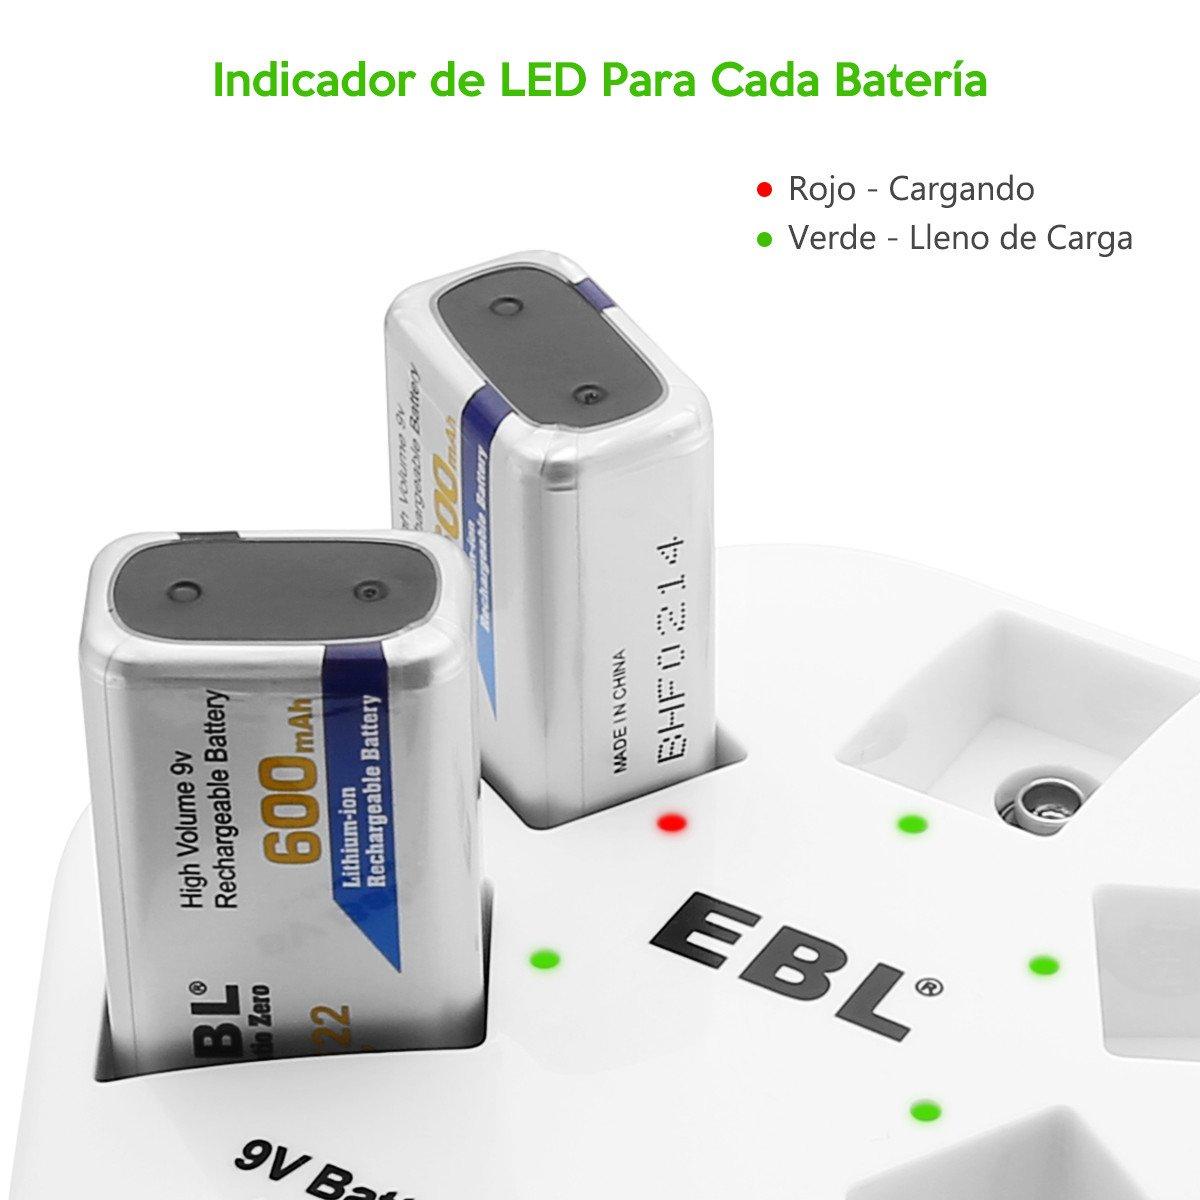 EBL Cargador de 9V Batería Recargable para Cargar 1-5 Unidades 9V Pilas Recargables de litio individualmente, Entrada USB (DC:5V/2A) con Cable de Datos USB Blanco 1M